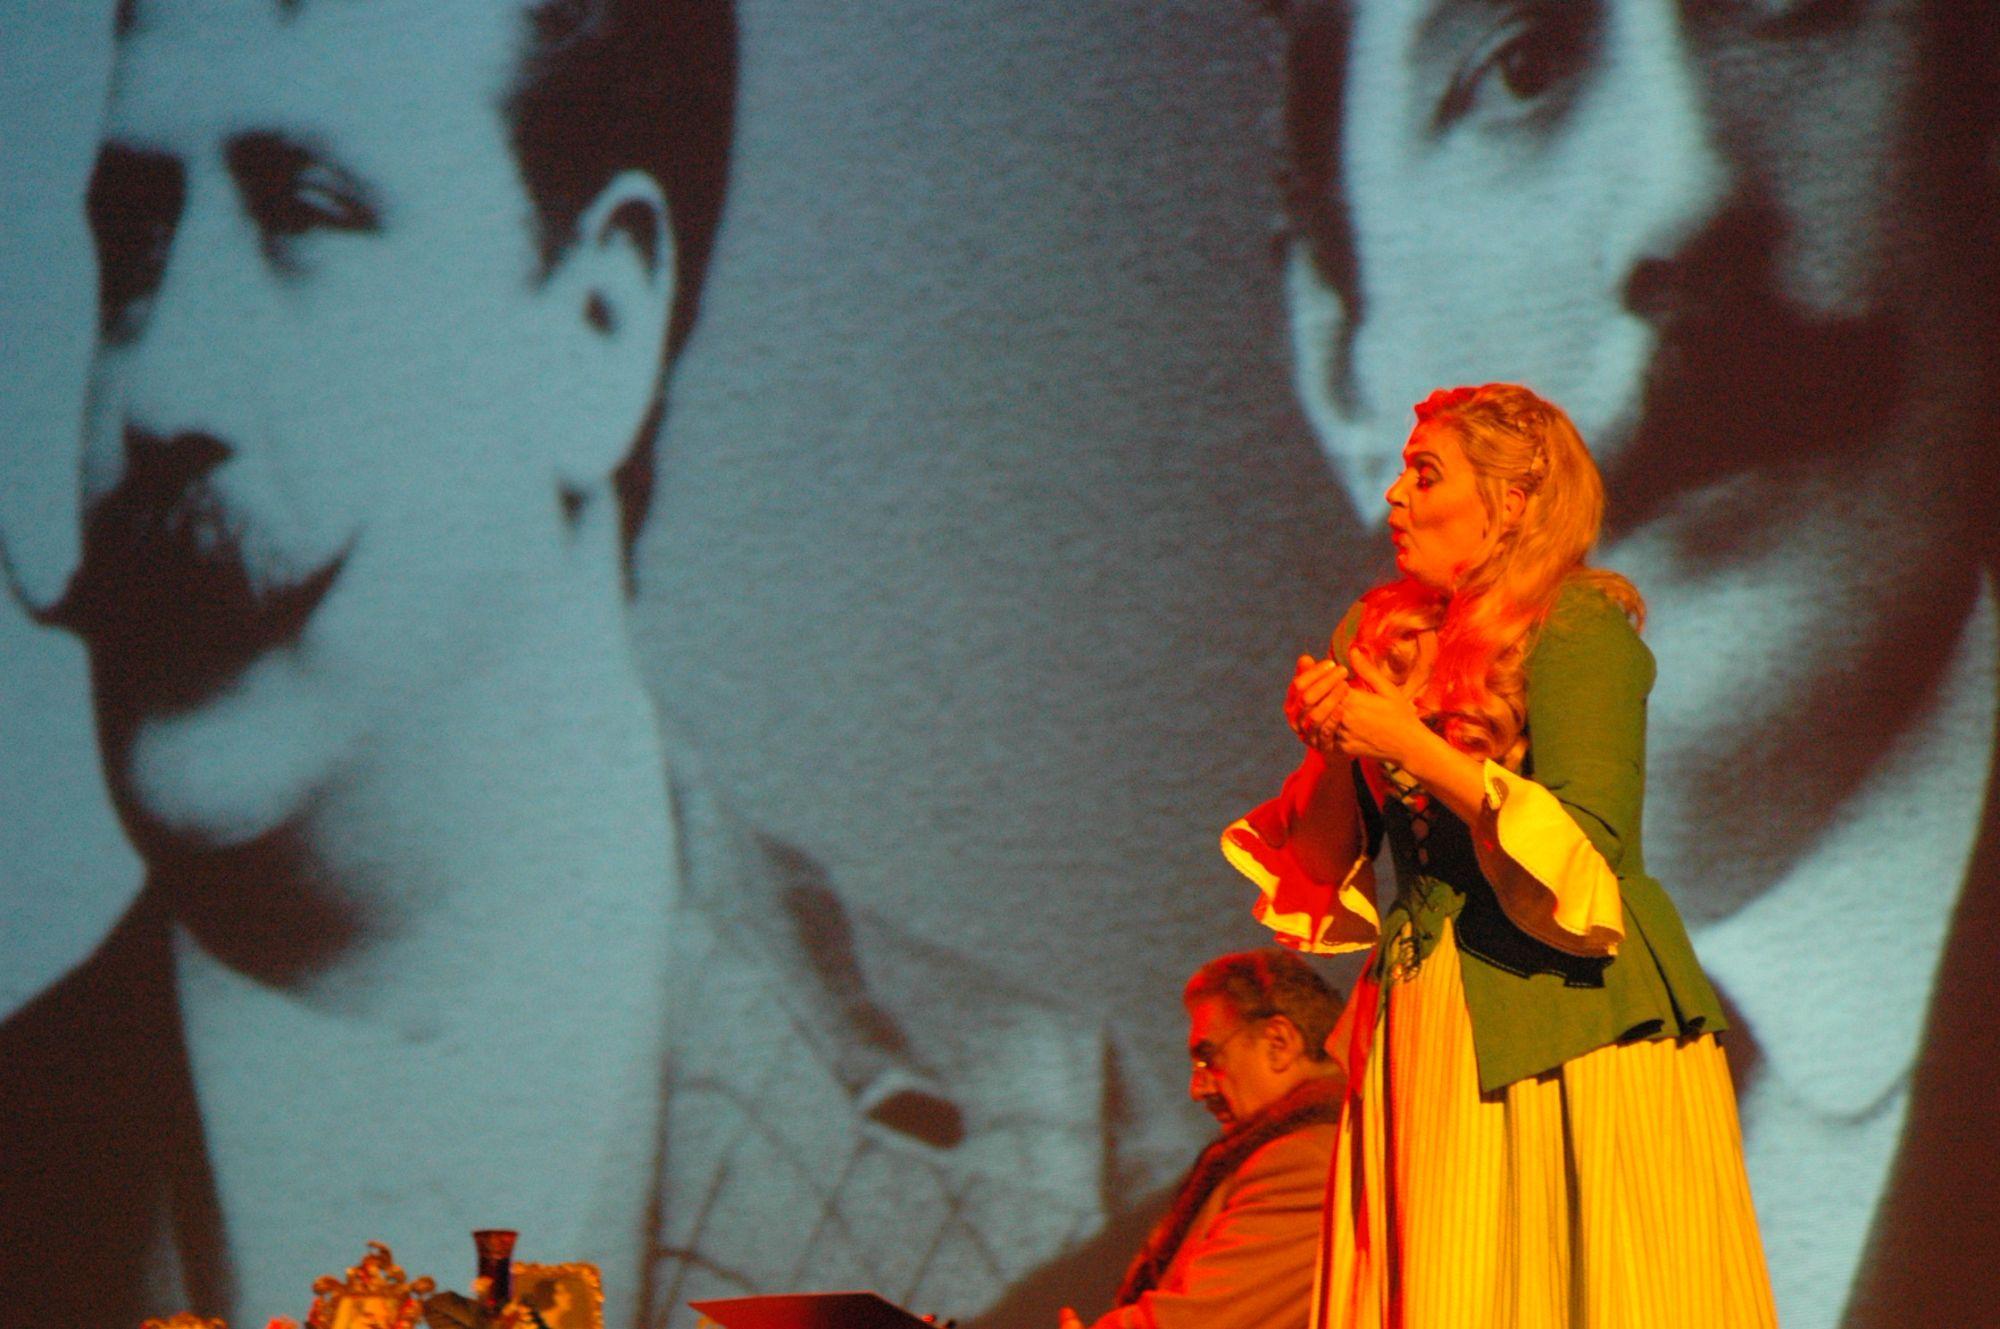 Concerto spettacolo di Puccini in scena al Teatro Comunale